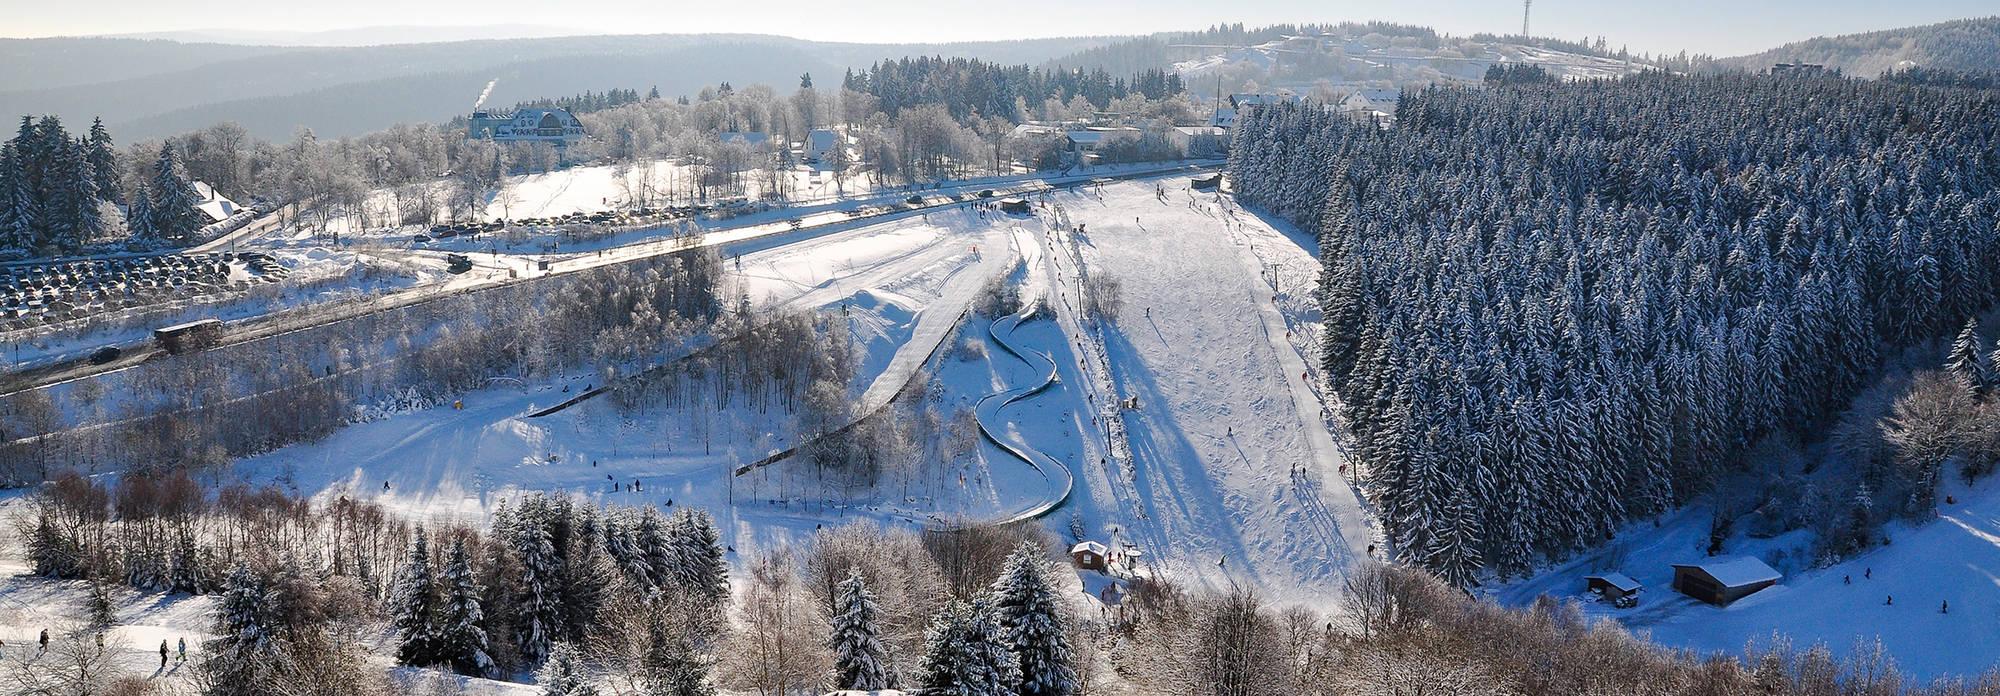 03cca266cf83c1 Wintersport Duitsland: uw wintersport boeken bij de Jong Intra